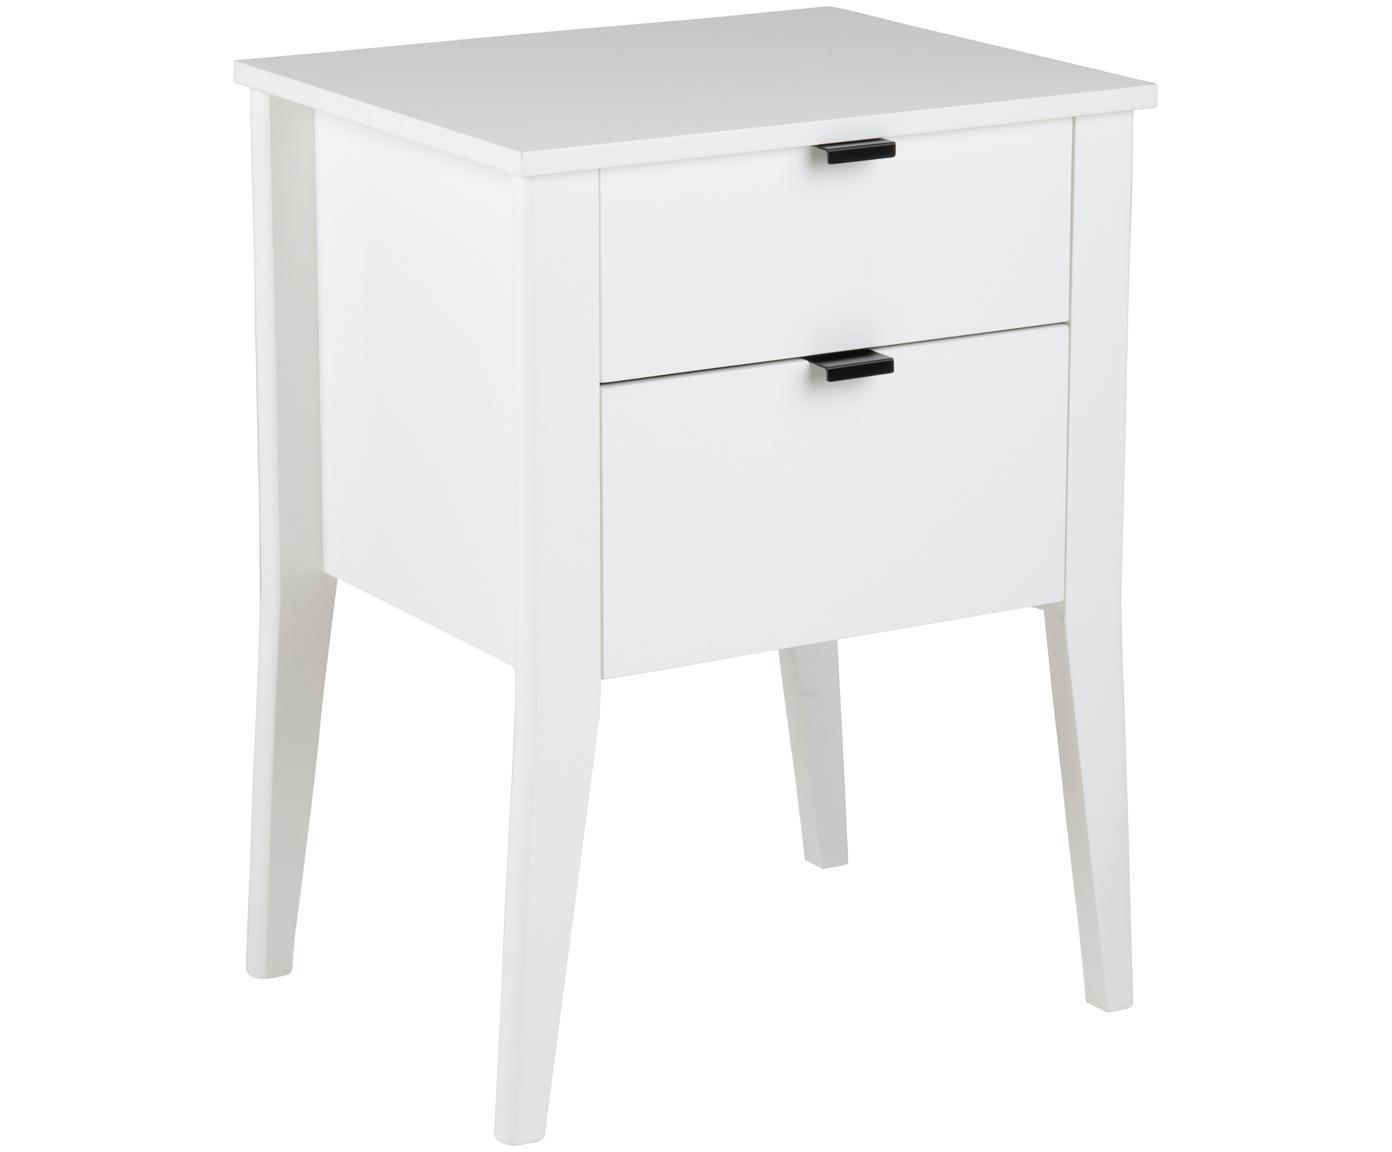 Weißer Nachttisch Sleepy mit Schubladen, Korpus: Mitteldichte Faserplatte , Griffe: Metall, pulverbeschichtet, Weiß, 48 x 65 cm